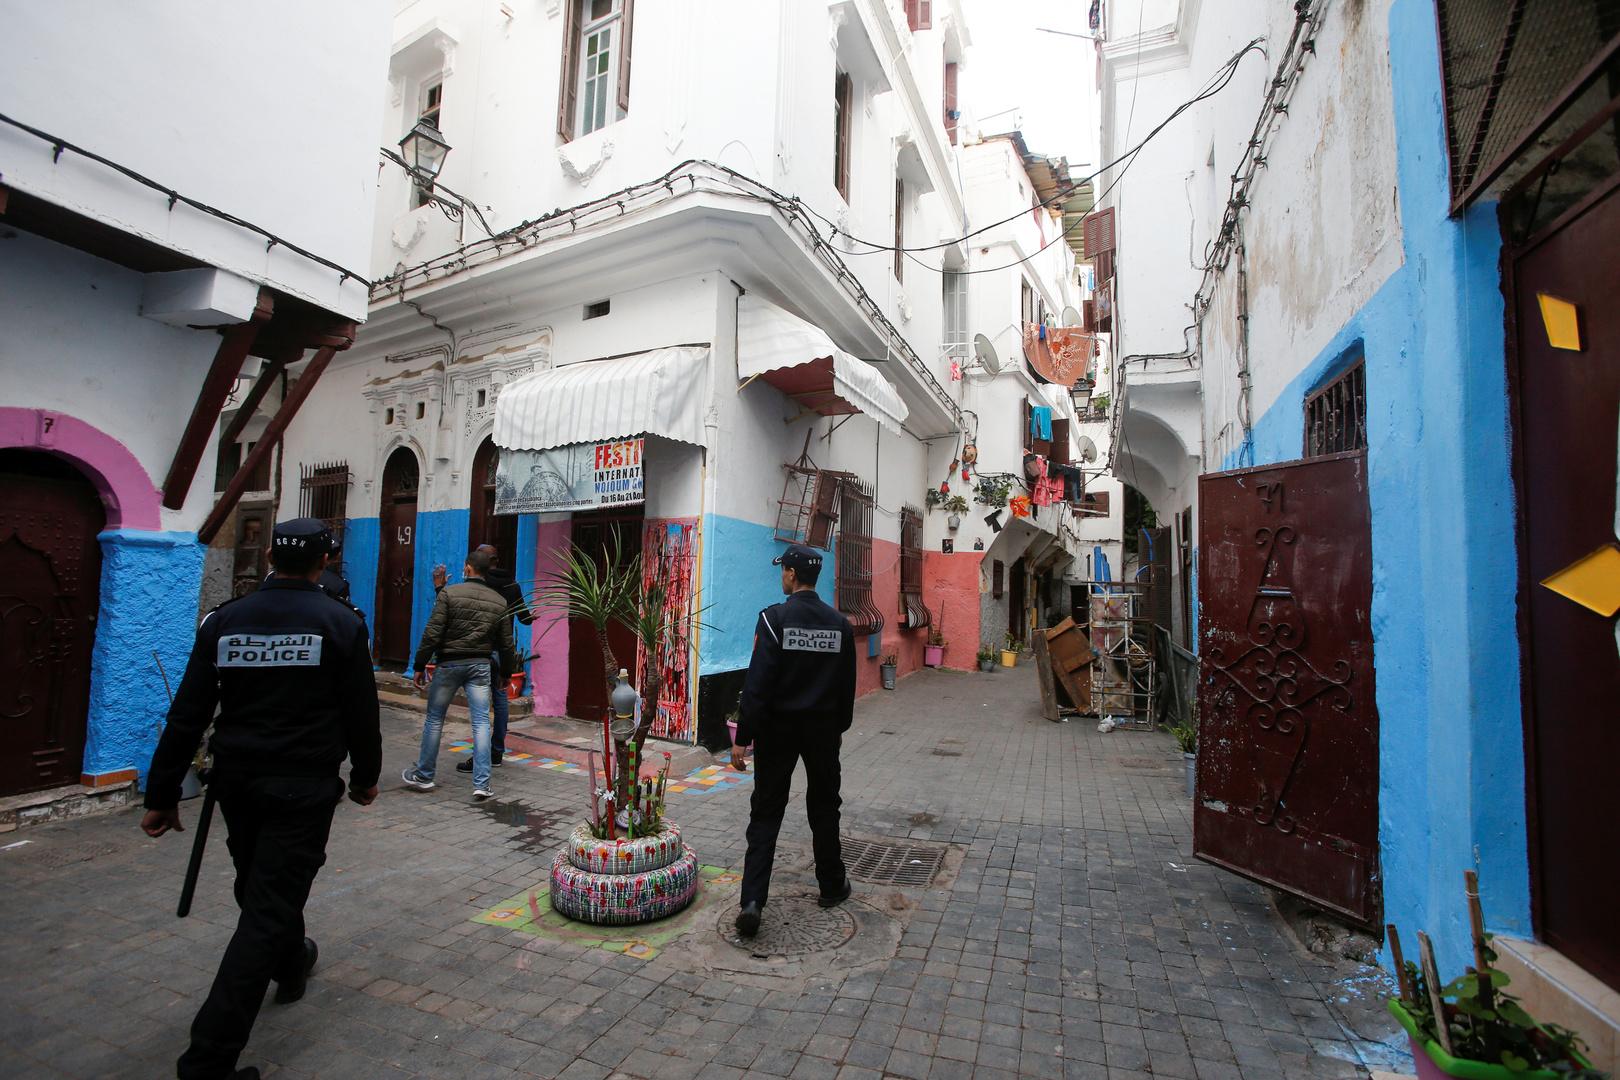 المغرب: الأمن يفكك خلية إرهابية تنشط في 3 مدن